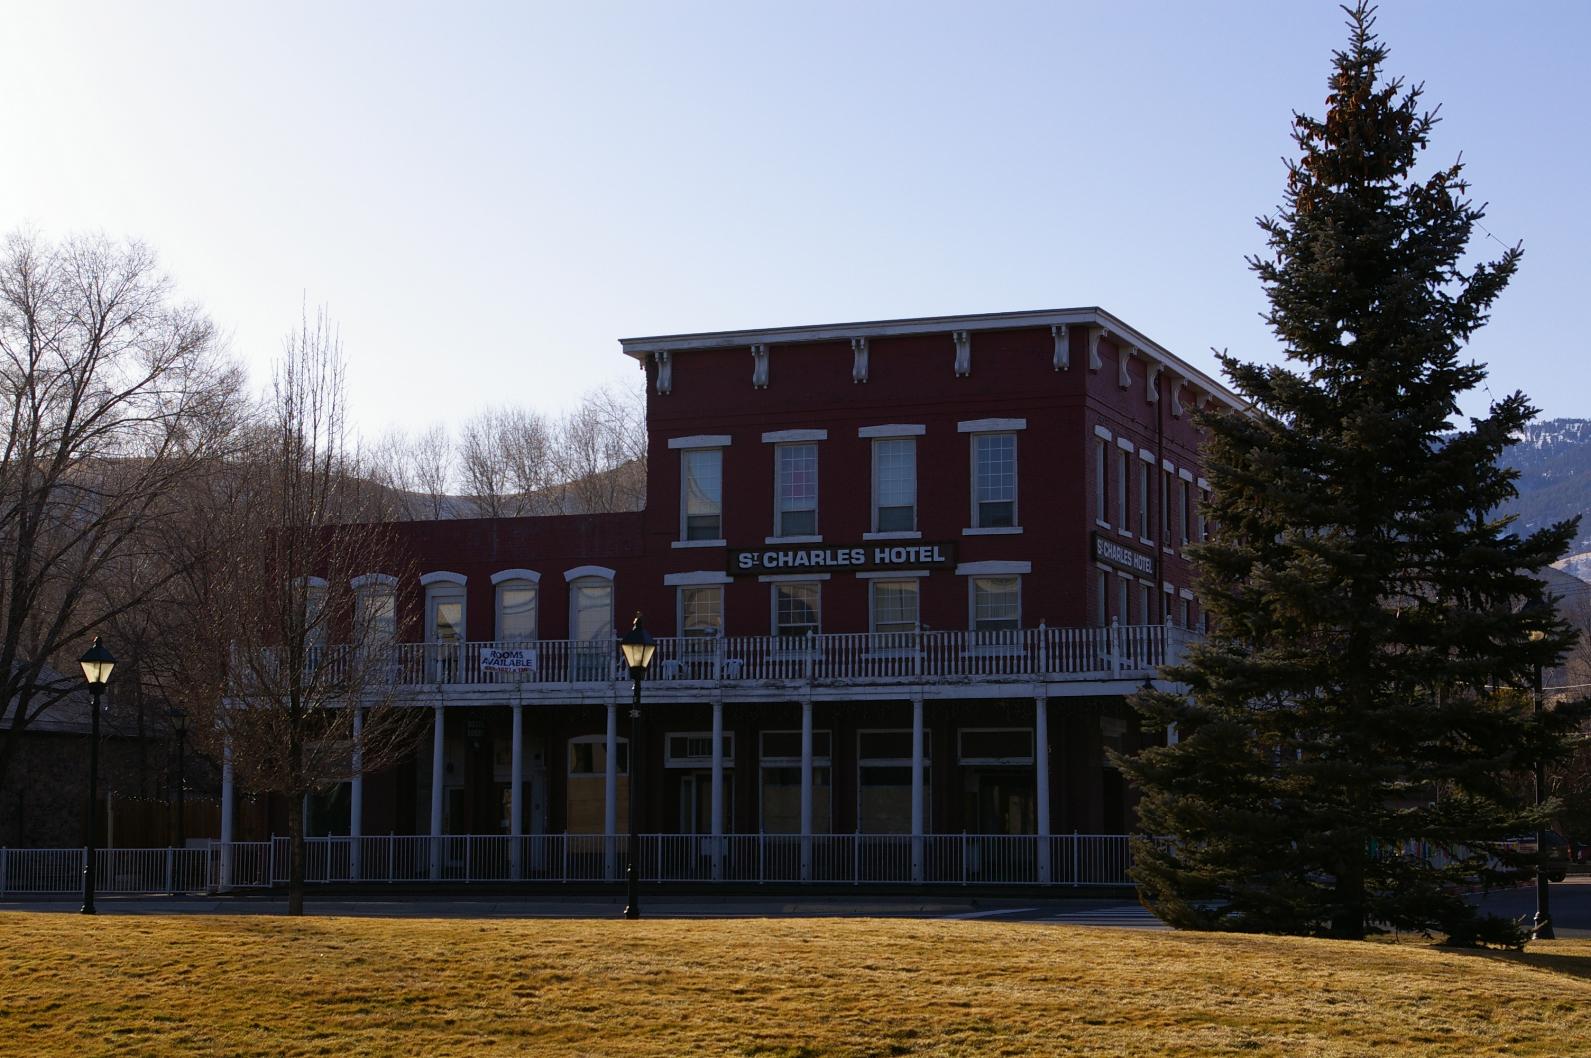 St. Charles-Muller's Hotel